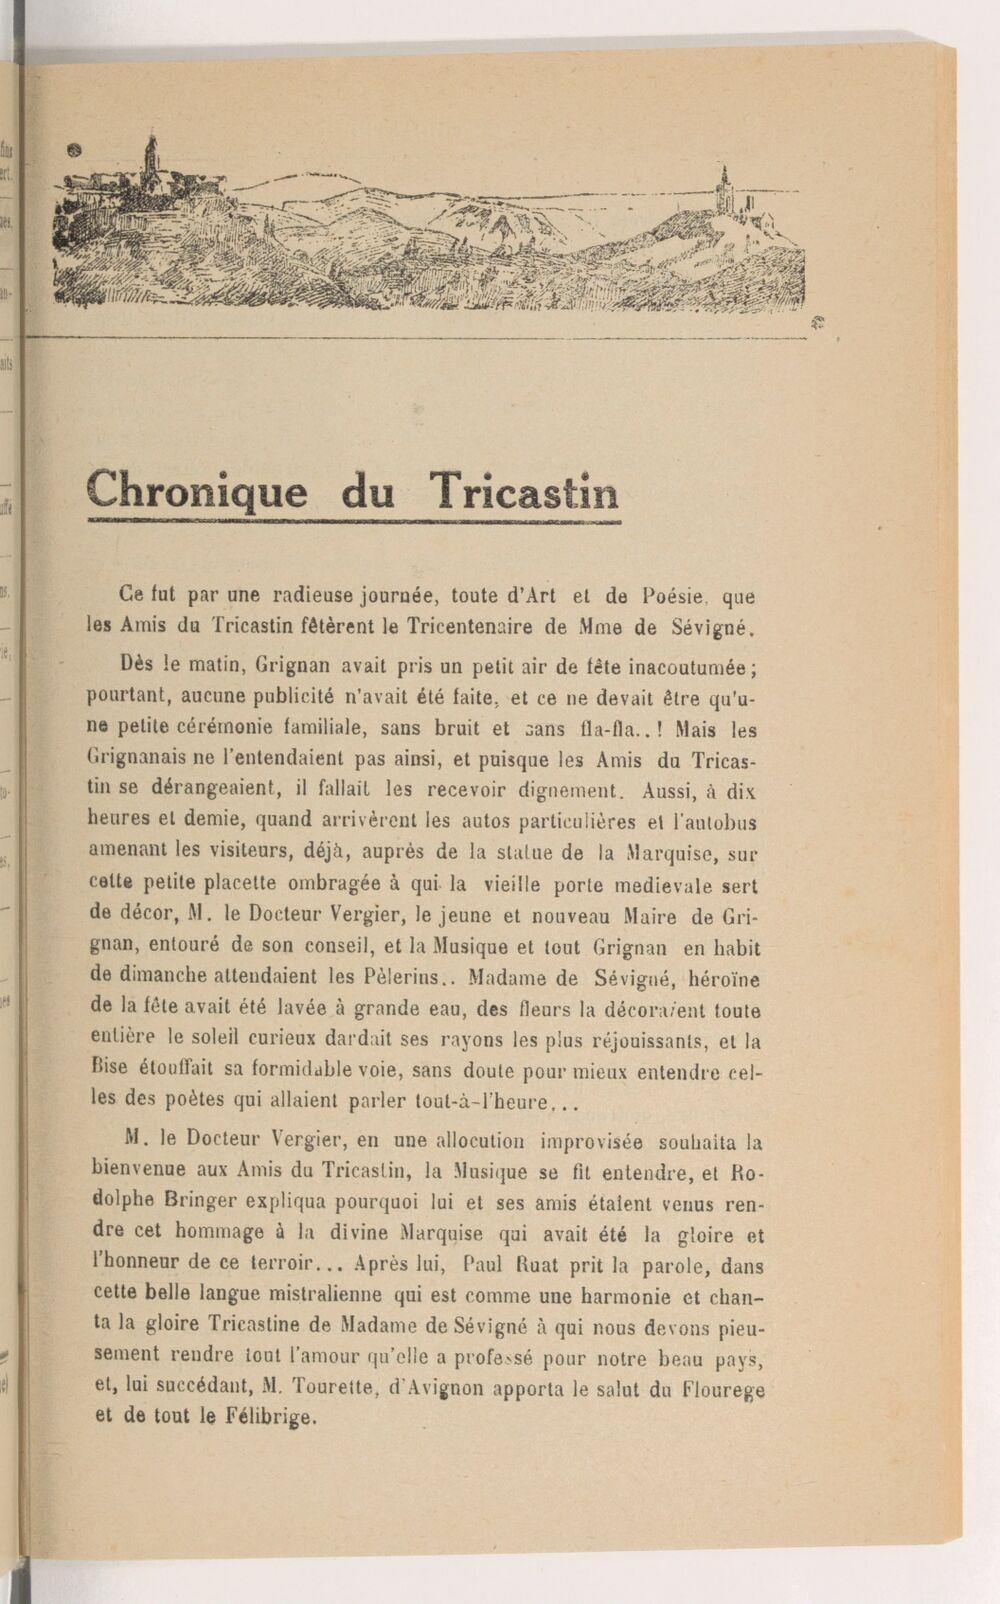 Le Tricastin : histoire, arts, littératures, tourisme : revue mensuelle dirigée par Rodolphe Bringer